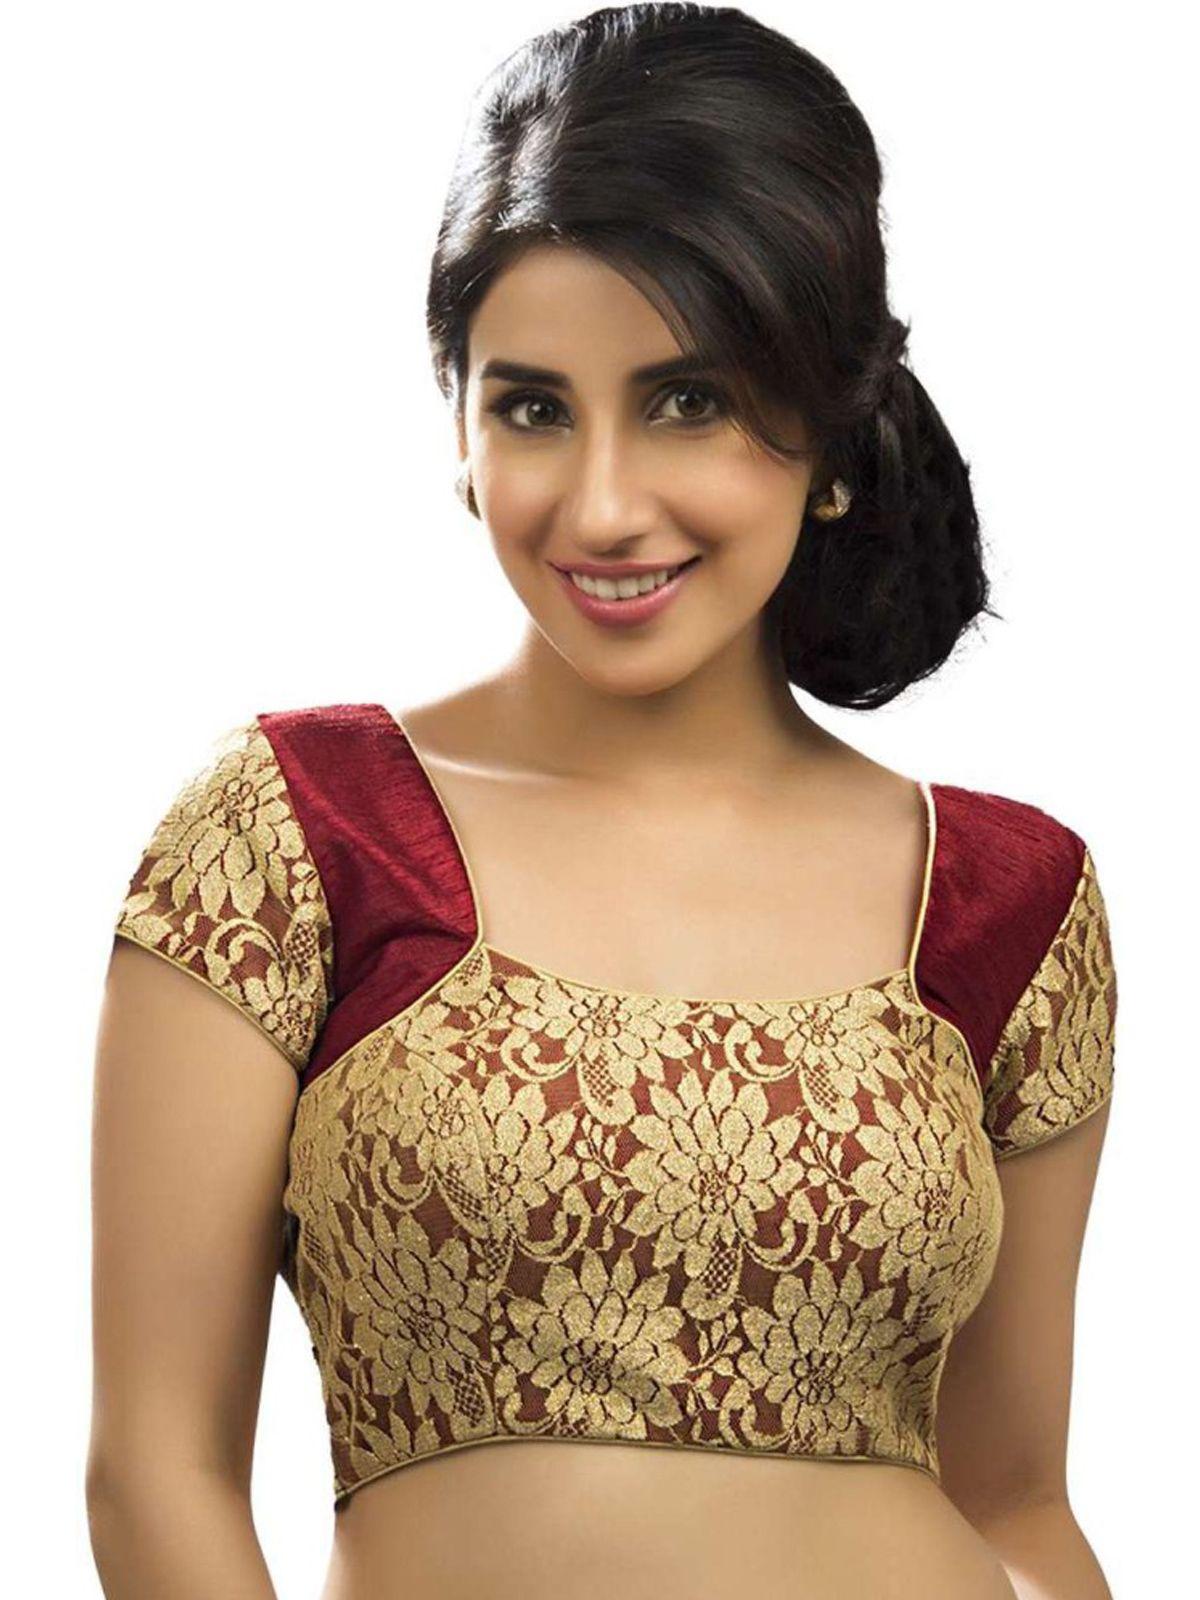 ab57615283874f Shop Online for Khantil Maroon Designer Net Blouse Material Buy Online in  India at Voonik.com